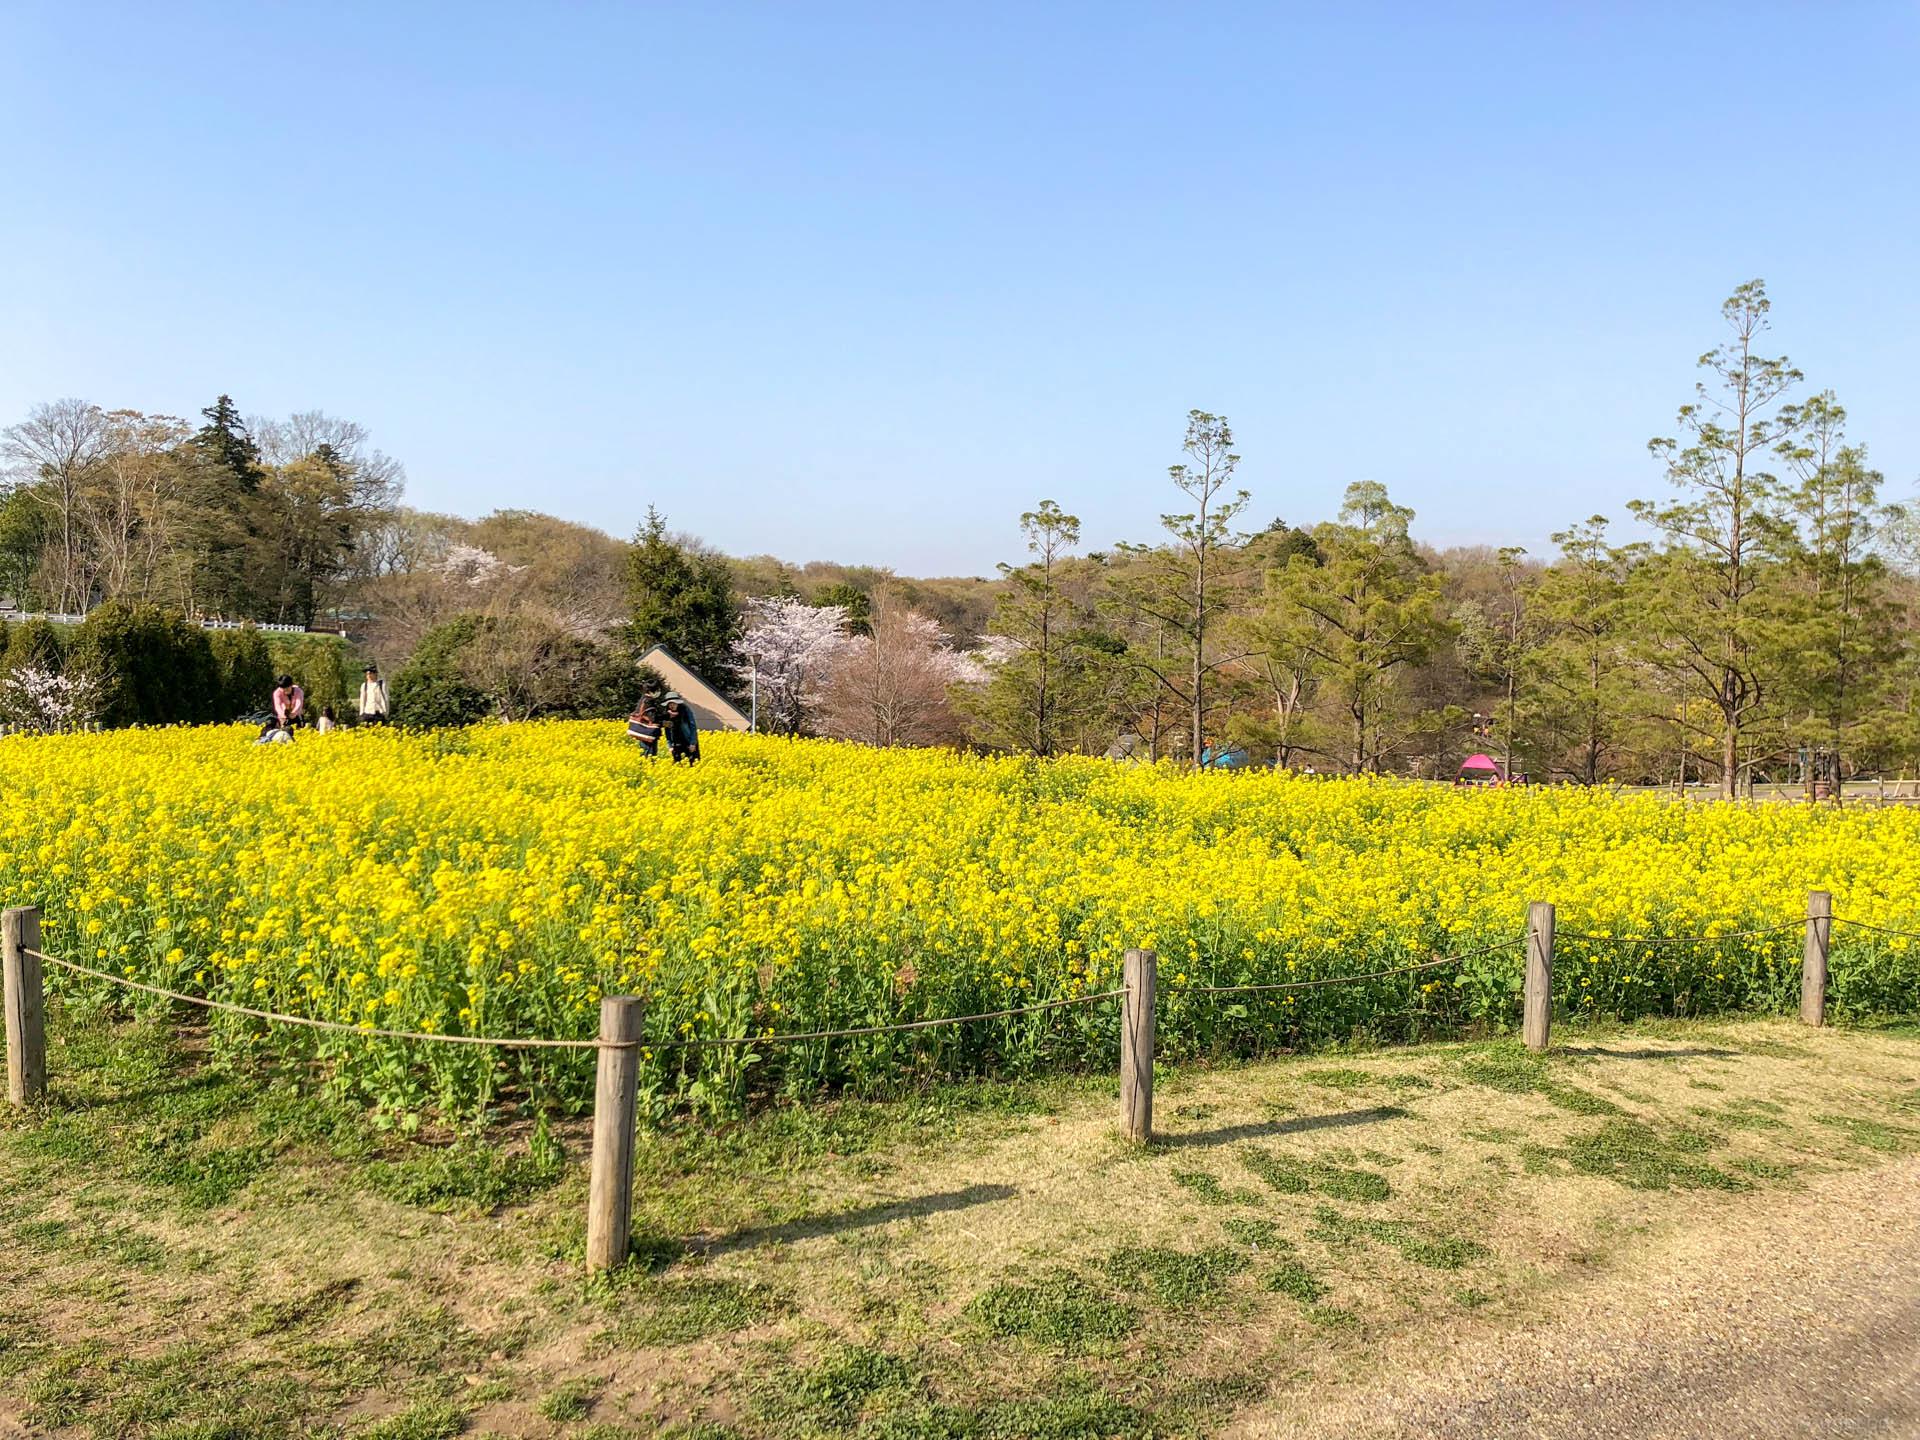 千葉県船橋市の「ふなばしアンデルセン公園」は菜の花畑も綺麗